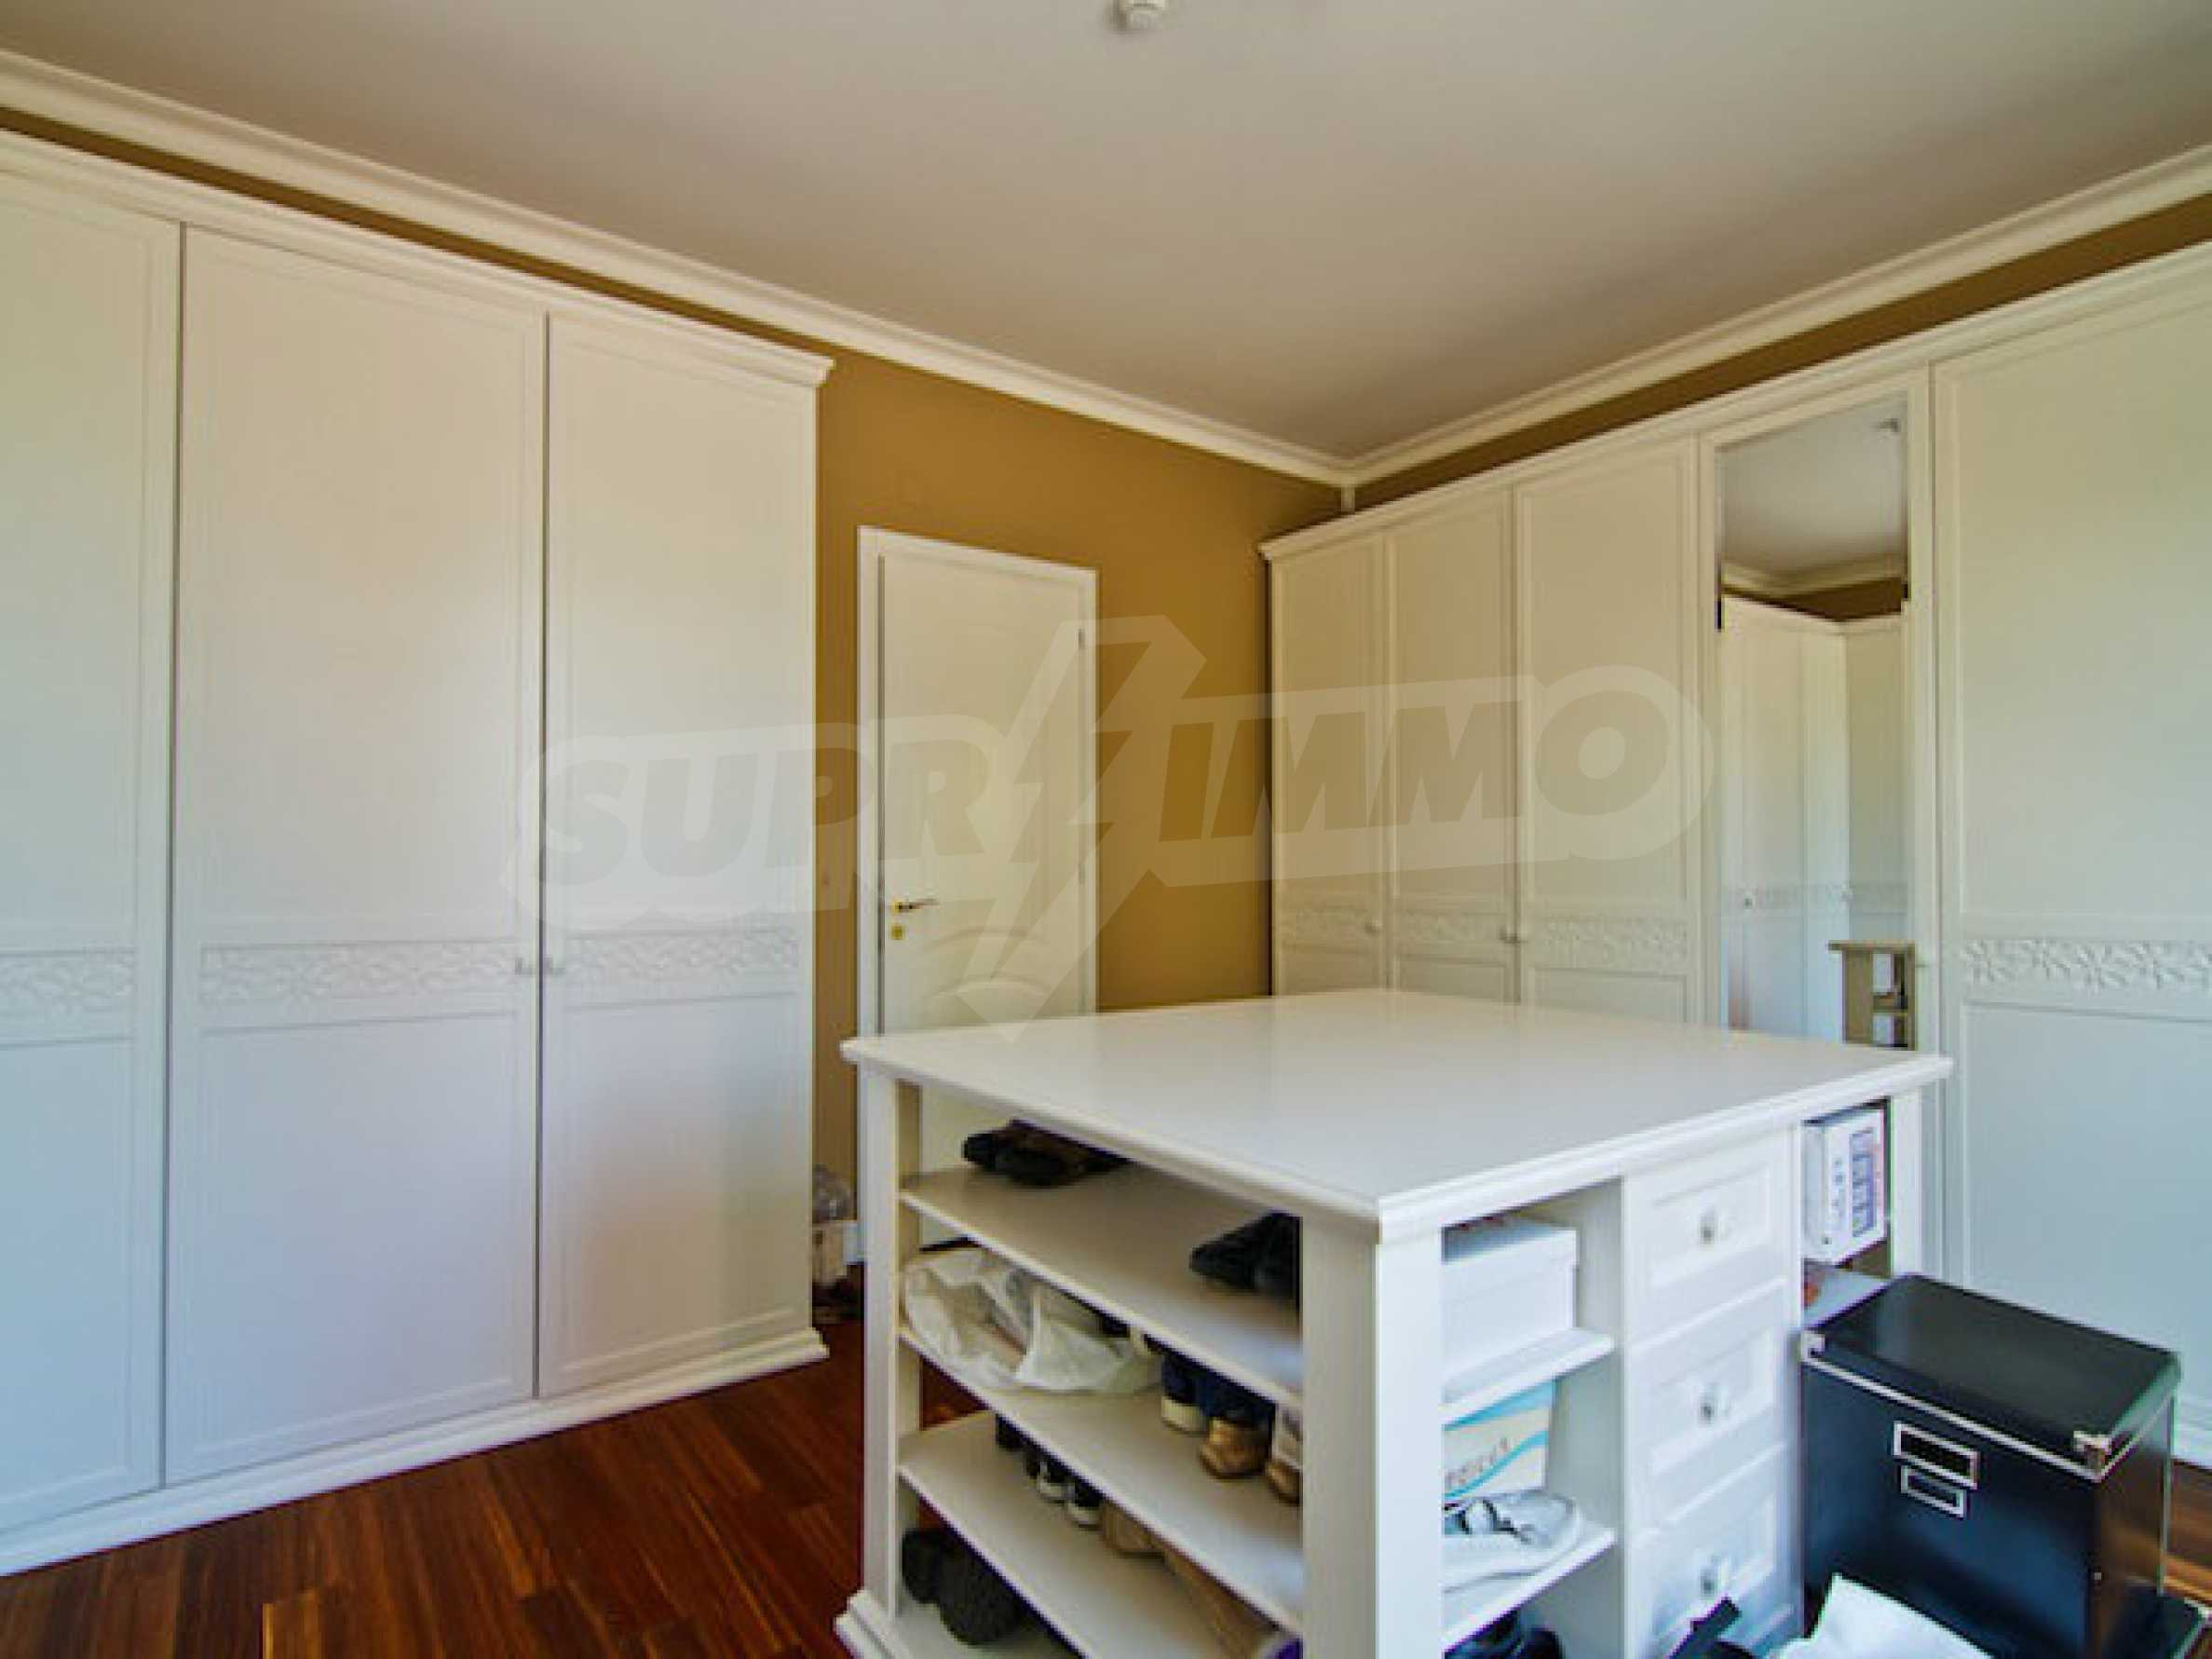 Luxuriös eingerichtetes Apartment mit einem Schlafzimmer 28